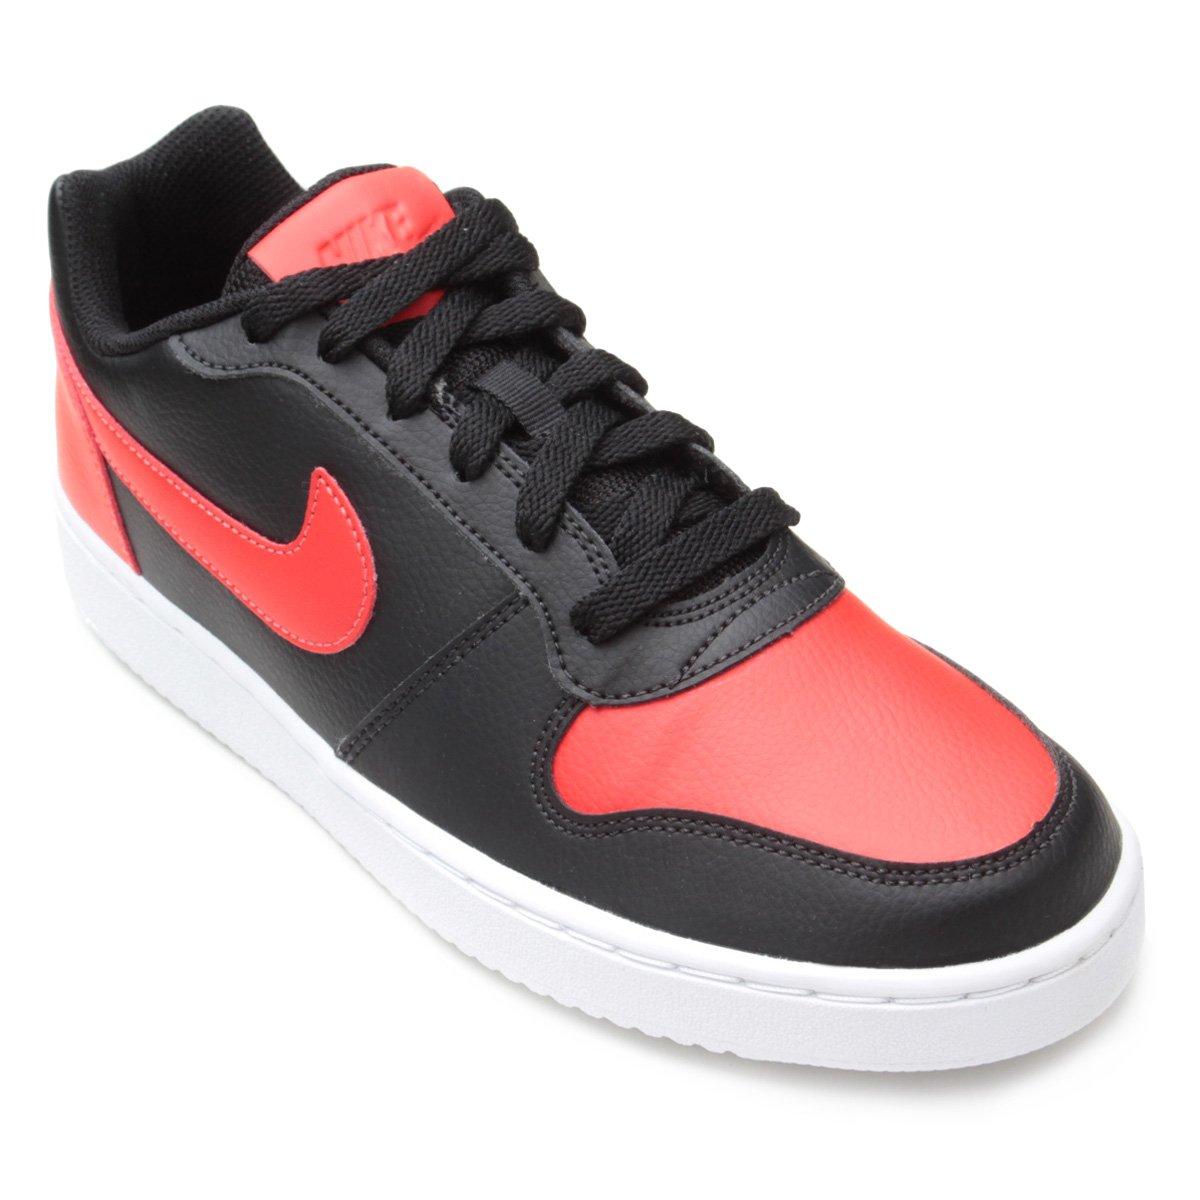 Tênis Nike Ebernon Low Masculino - Preto e Vermelho - Compre Agora ... c299d69d8c3